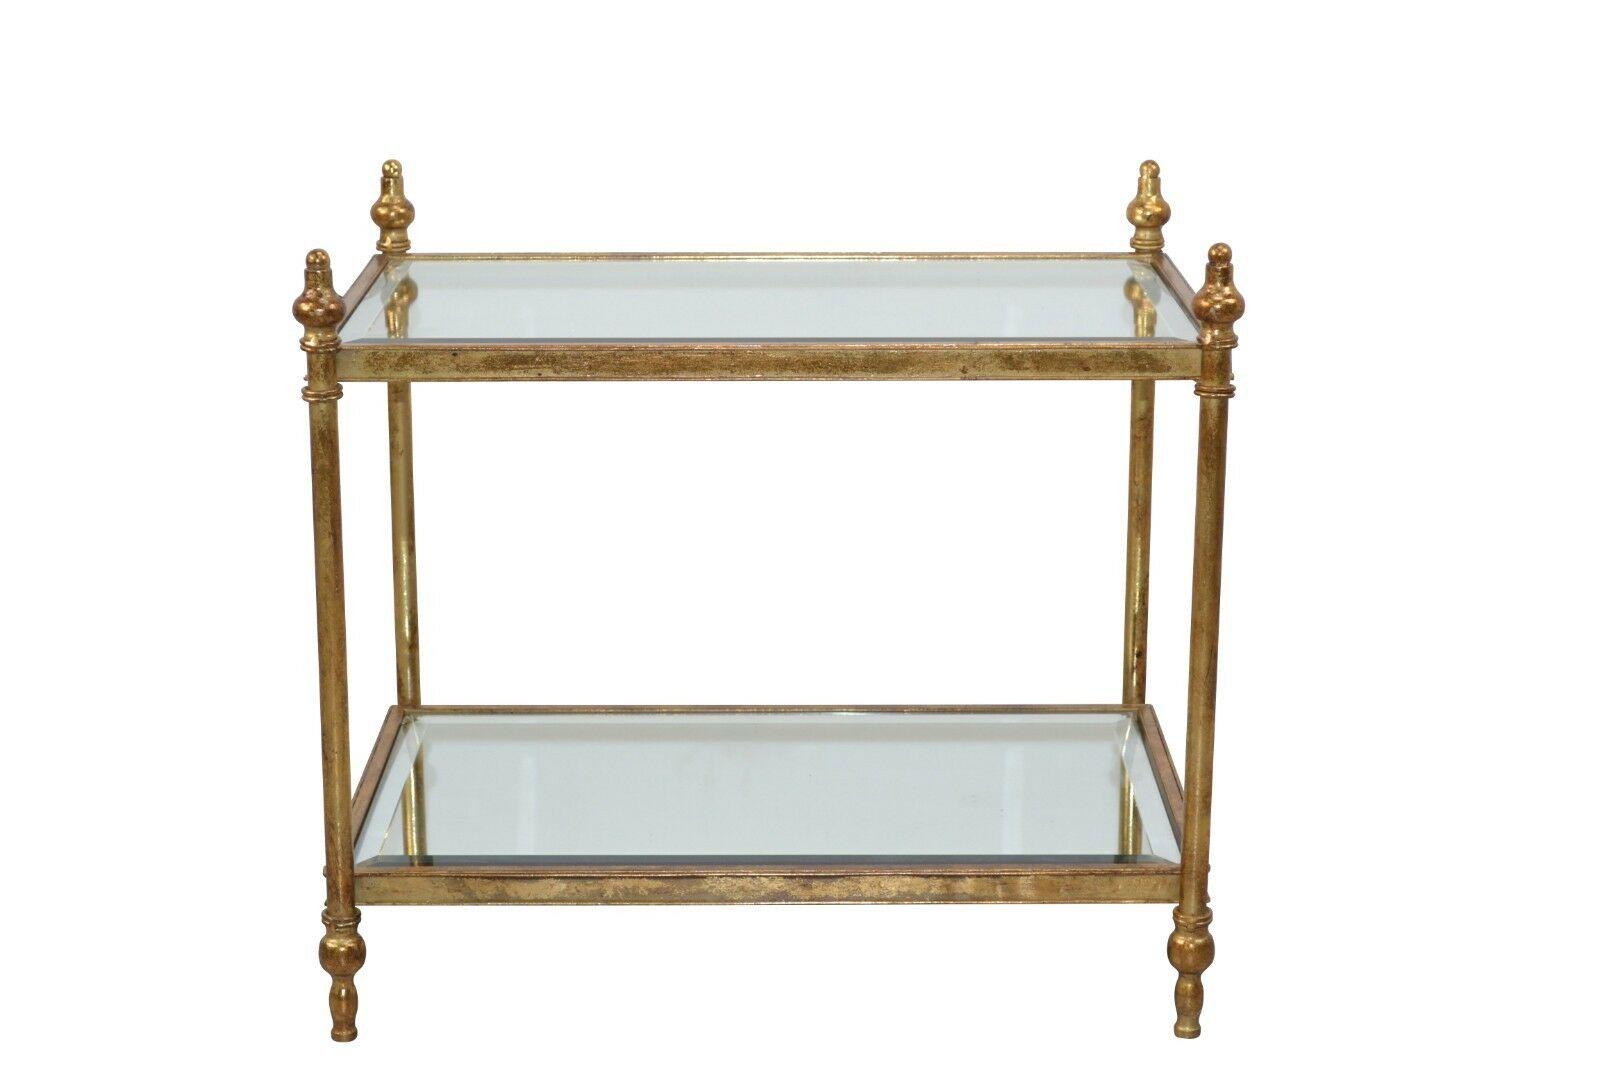 Glastisch goldfarben antik Beistelltisch Couchtisch Vintage design used look